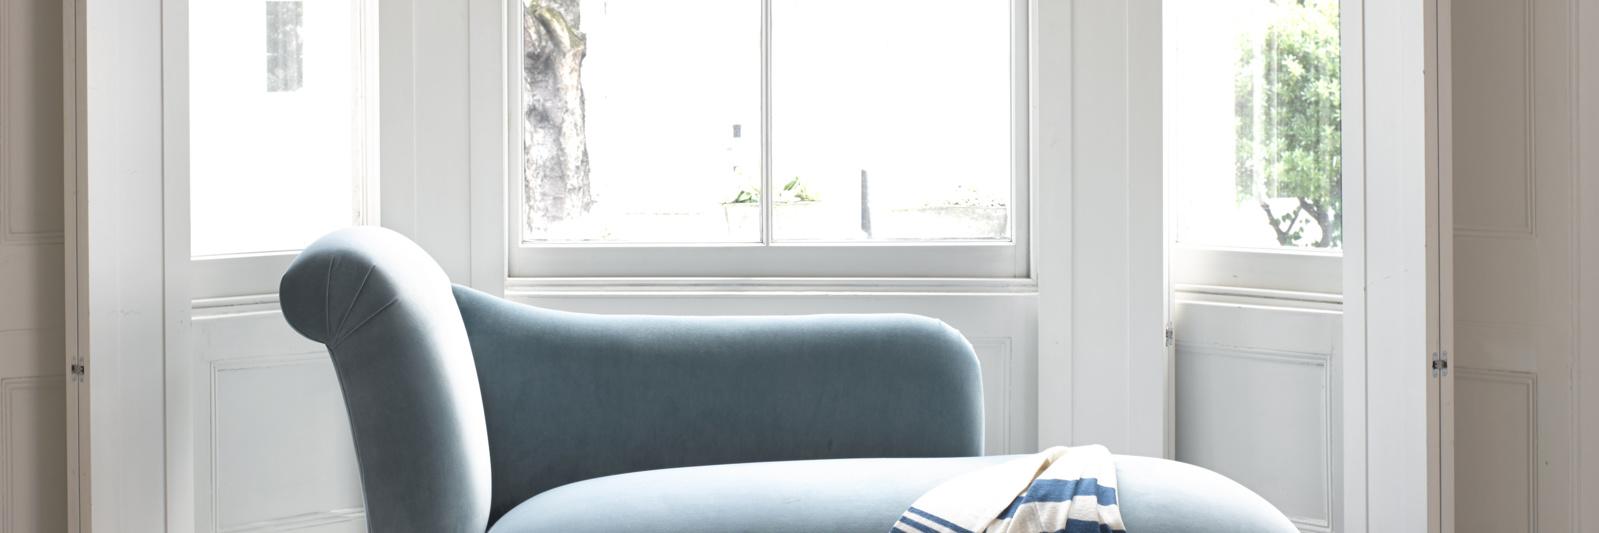 Bronte hand made contemporary chaise longue sofa